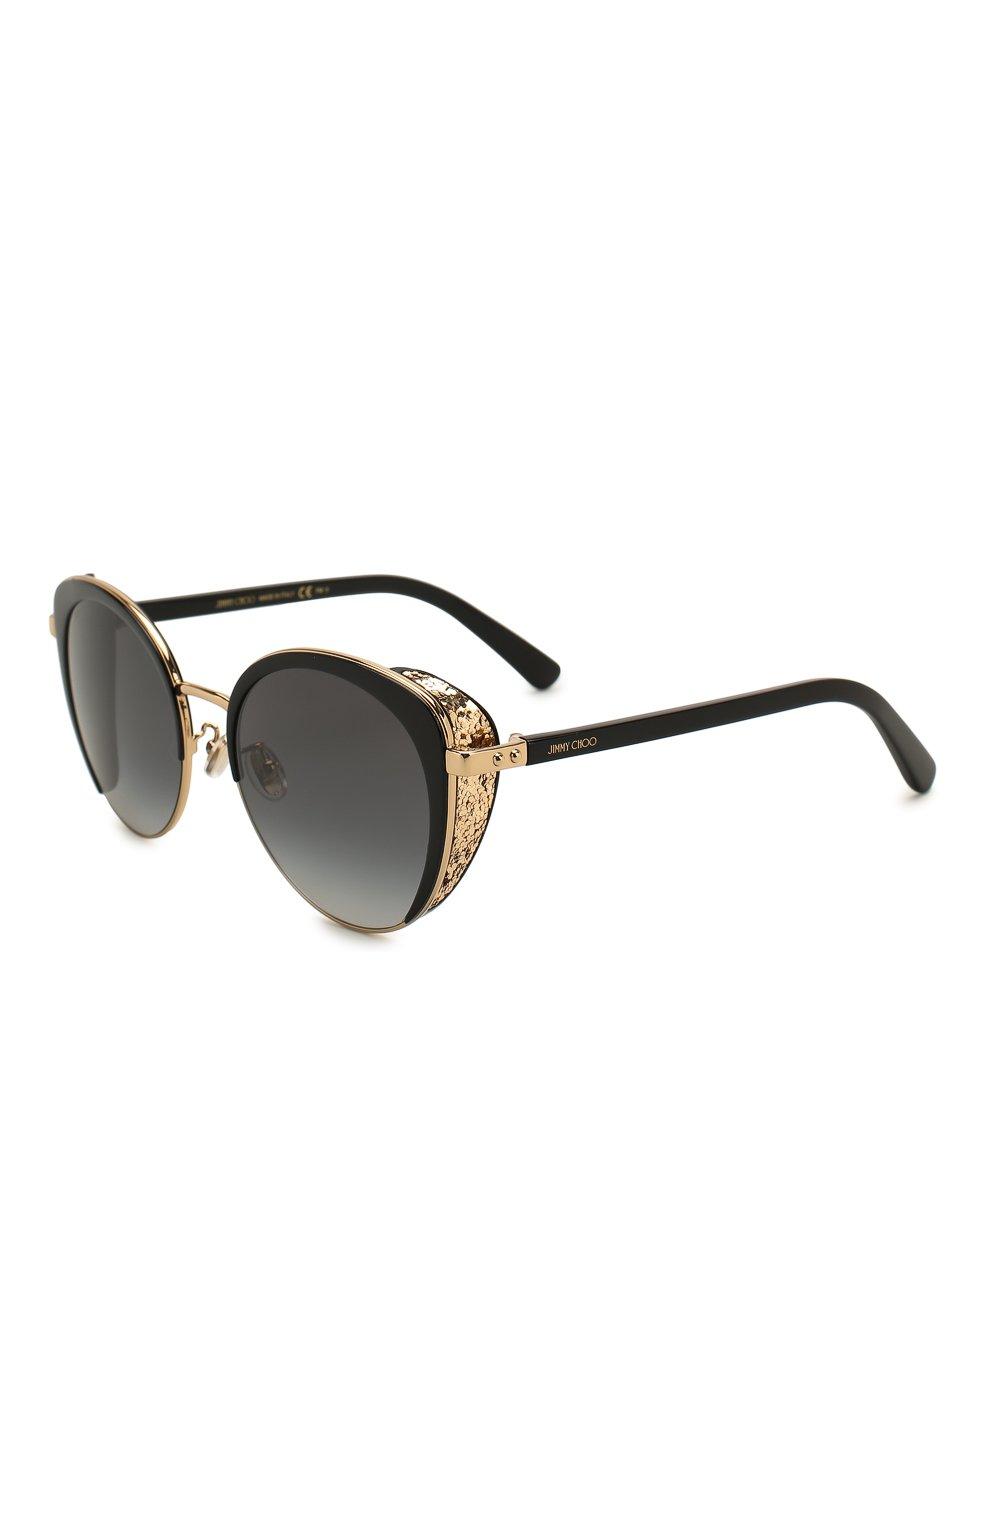 Женские солнцезащитные очки JIMMY CHOO черного цвета, арт. GABBY/F 2M2 | Фото 1